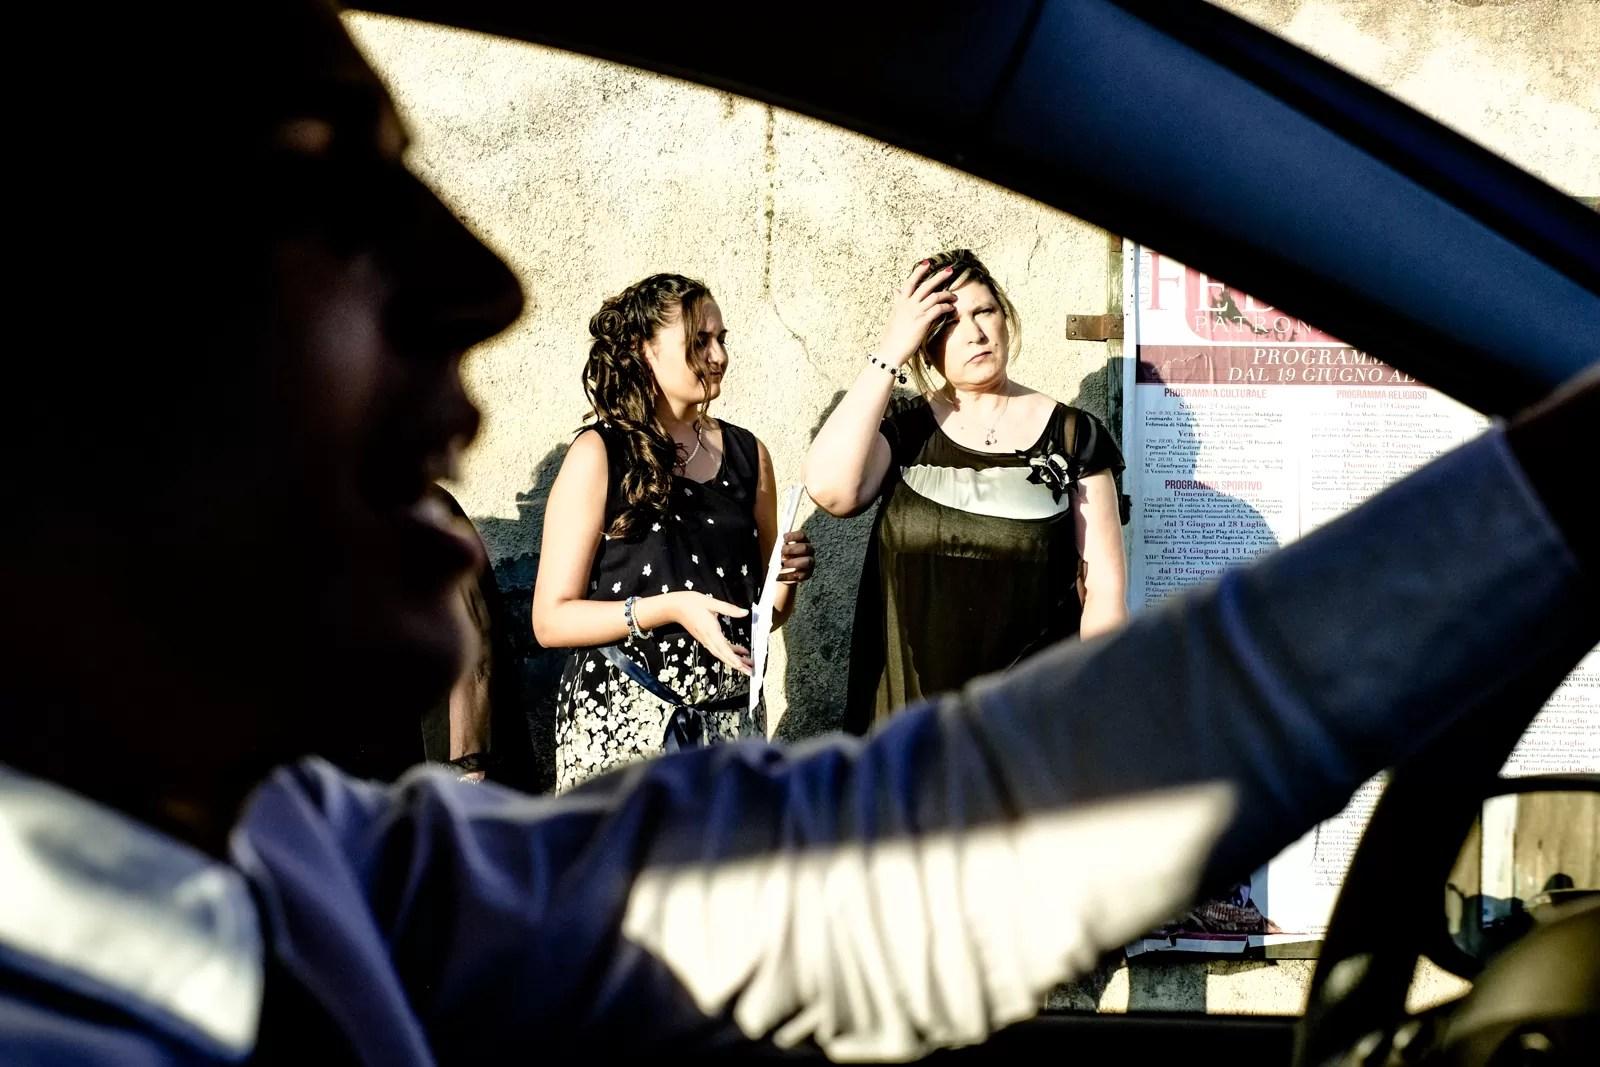 DSCF2280 - Composizione a livelli nella fotografia di strada - fotostreet.it